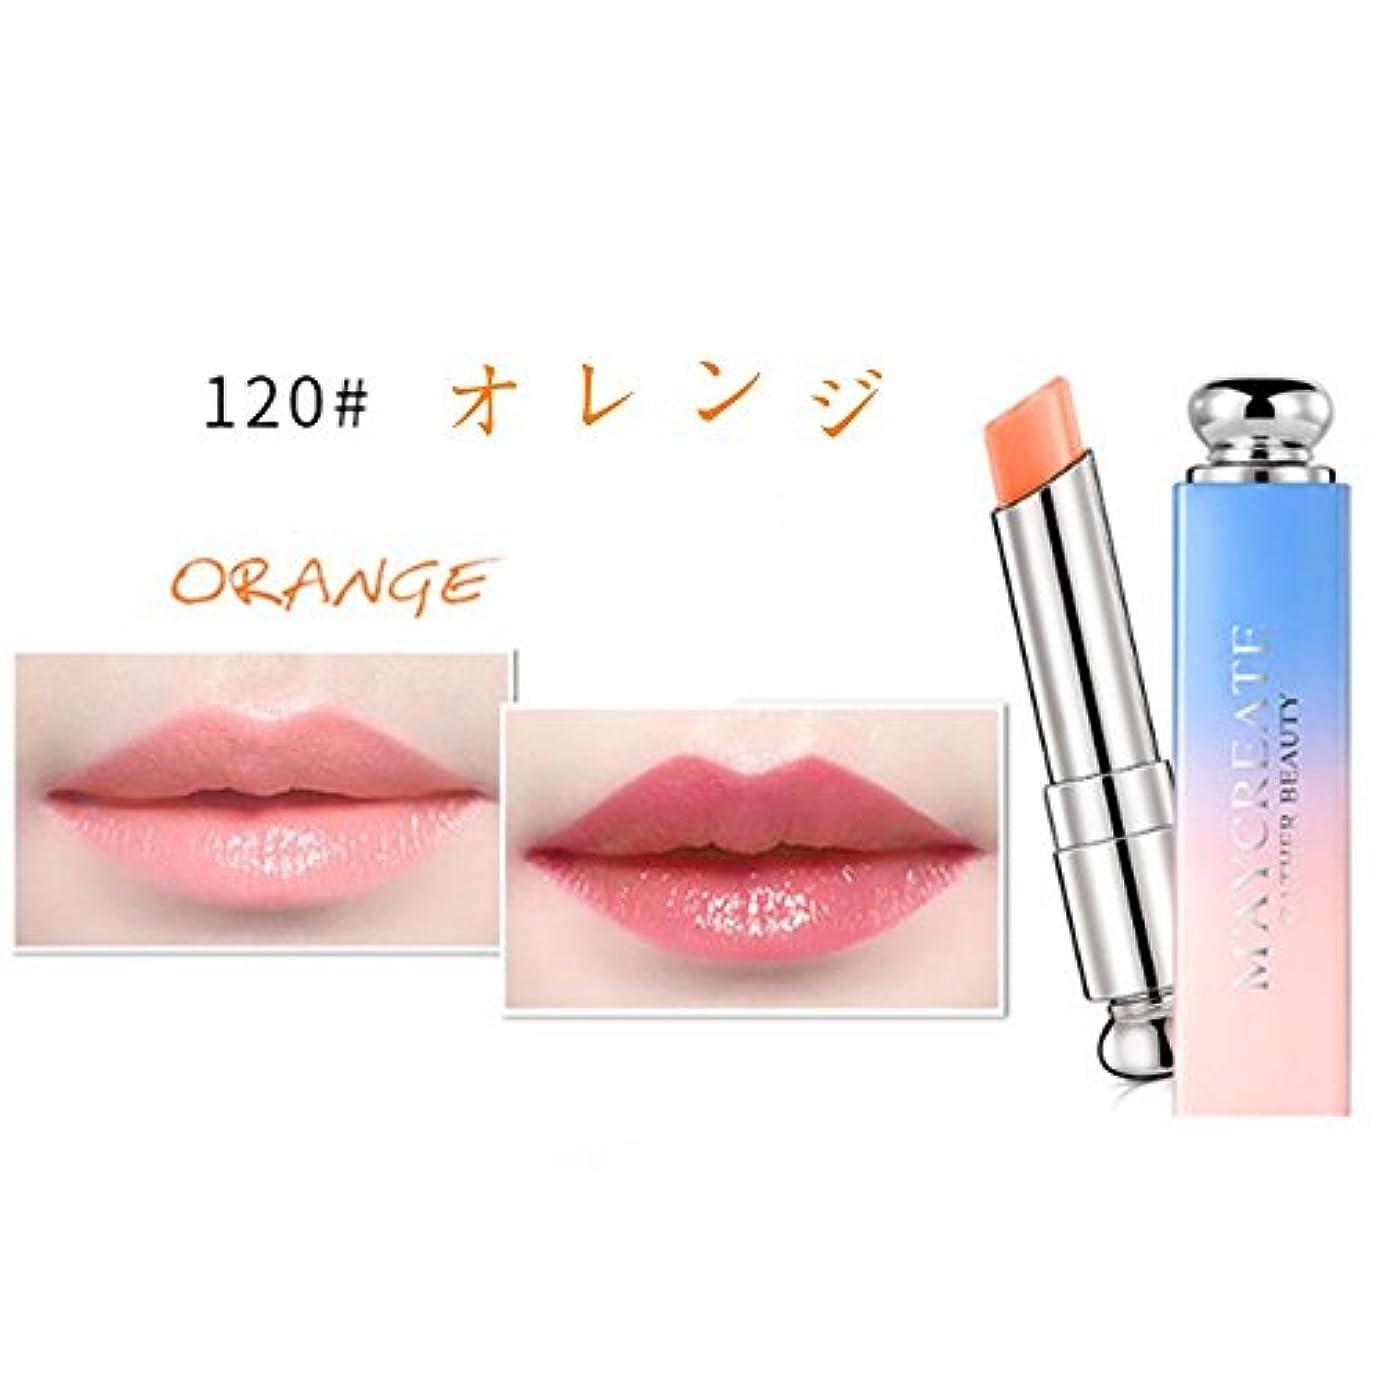 広範囲に雰囲気乗り出すリップスティック うるおい 口紅 唇の温度で色が変化するリップ 優れる発色力 保湿 長持ち 3.8g (120#)